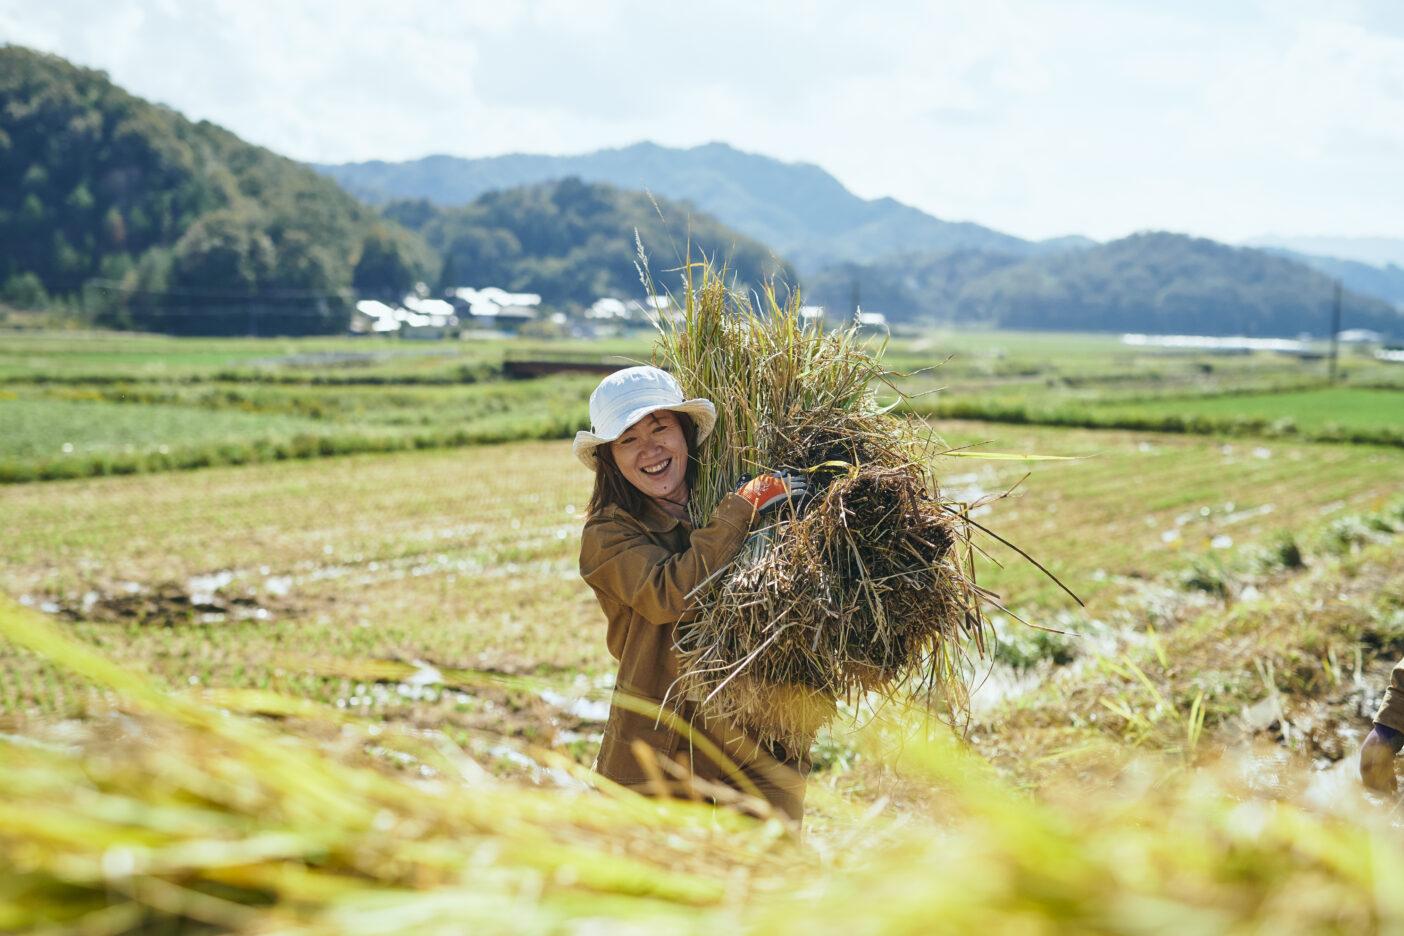 こだわりの黒米は天日干しを行うため、バインダーで刈り集める。写真:飯坂 大